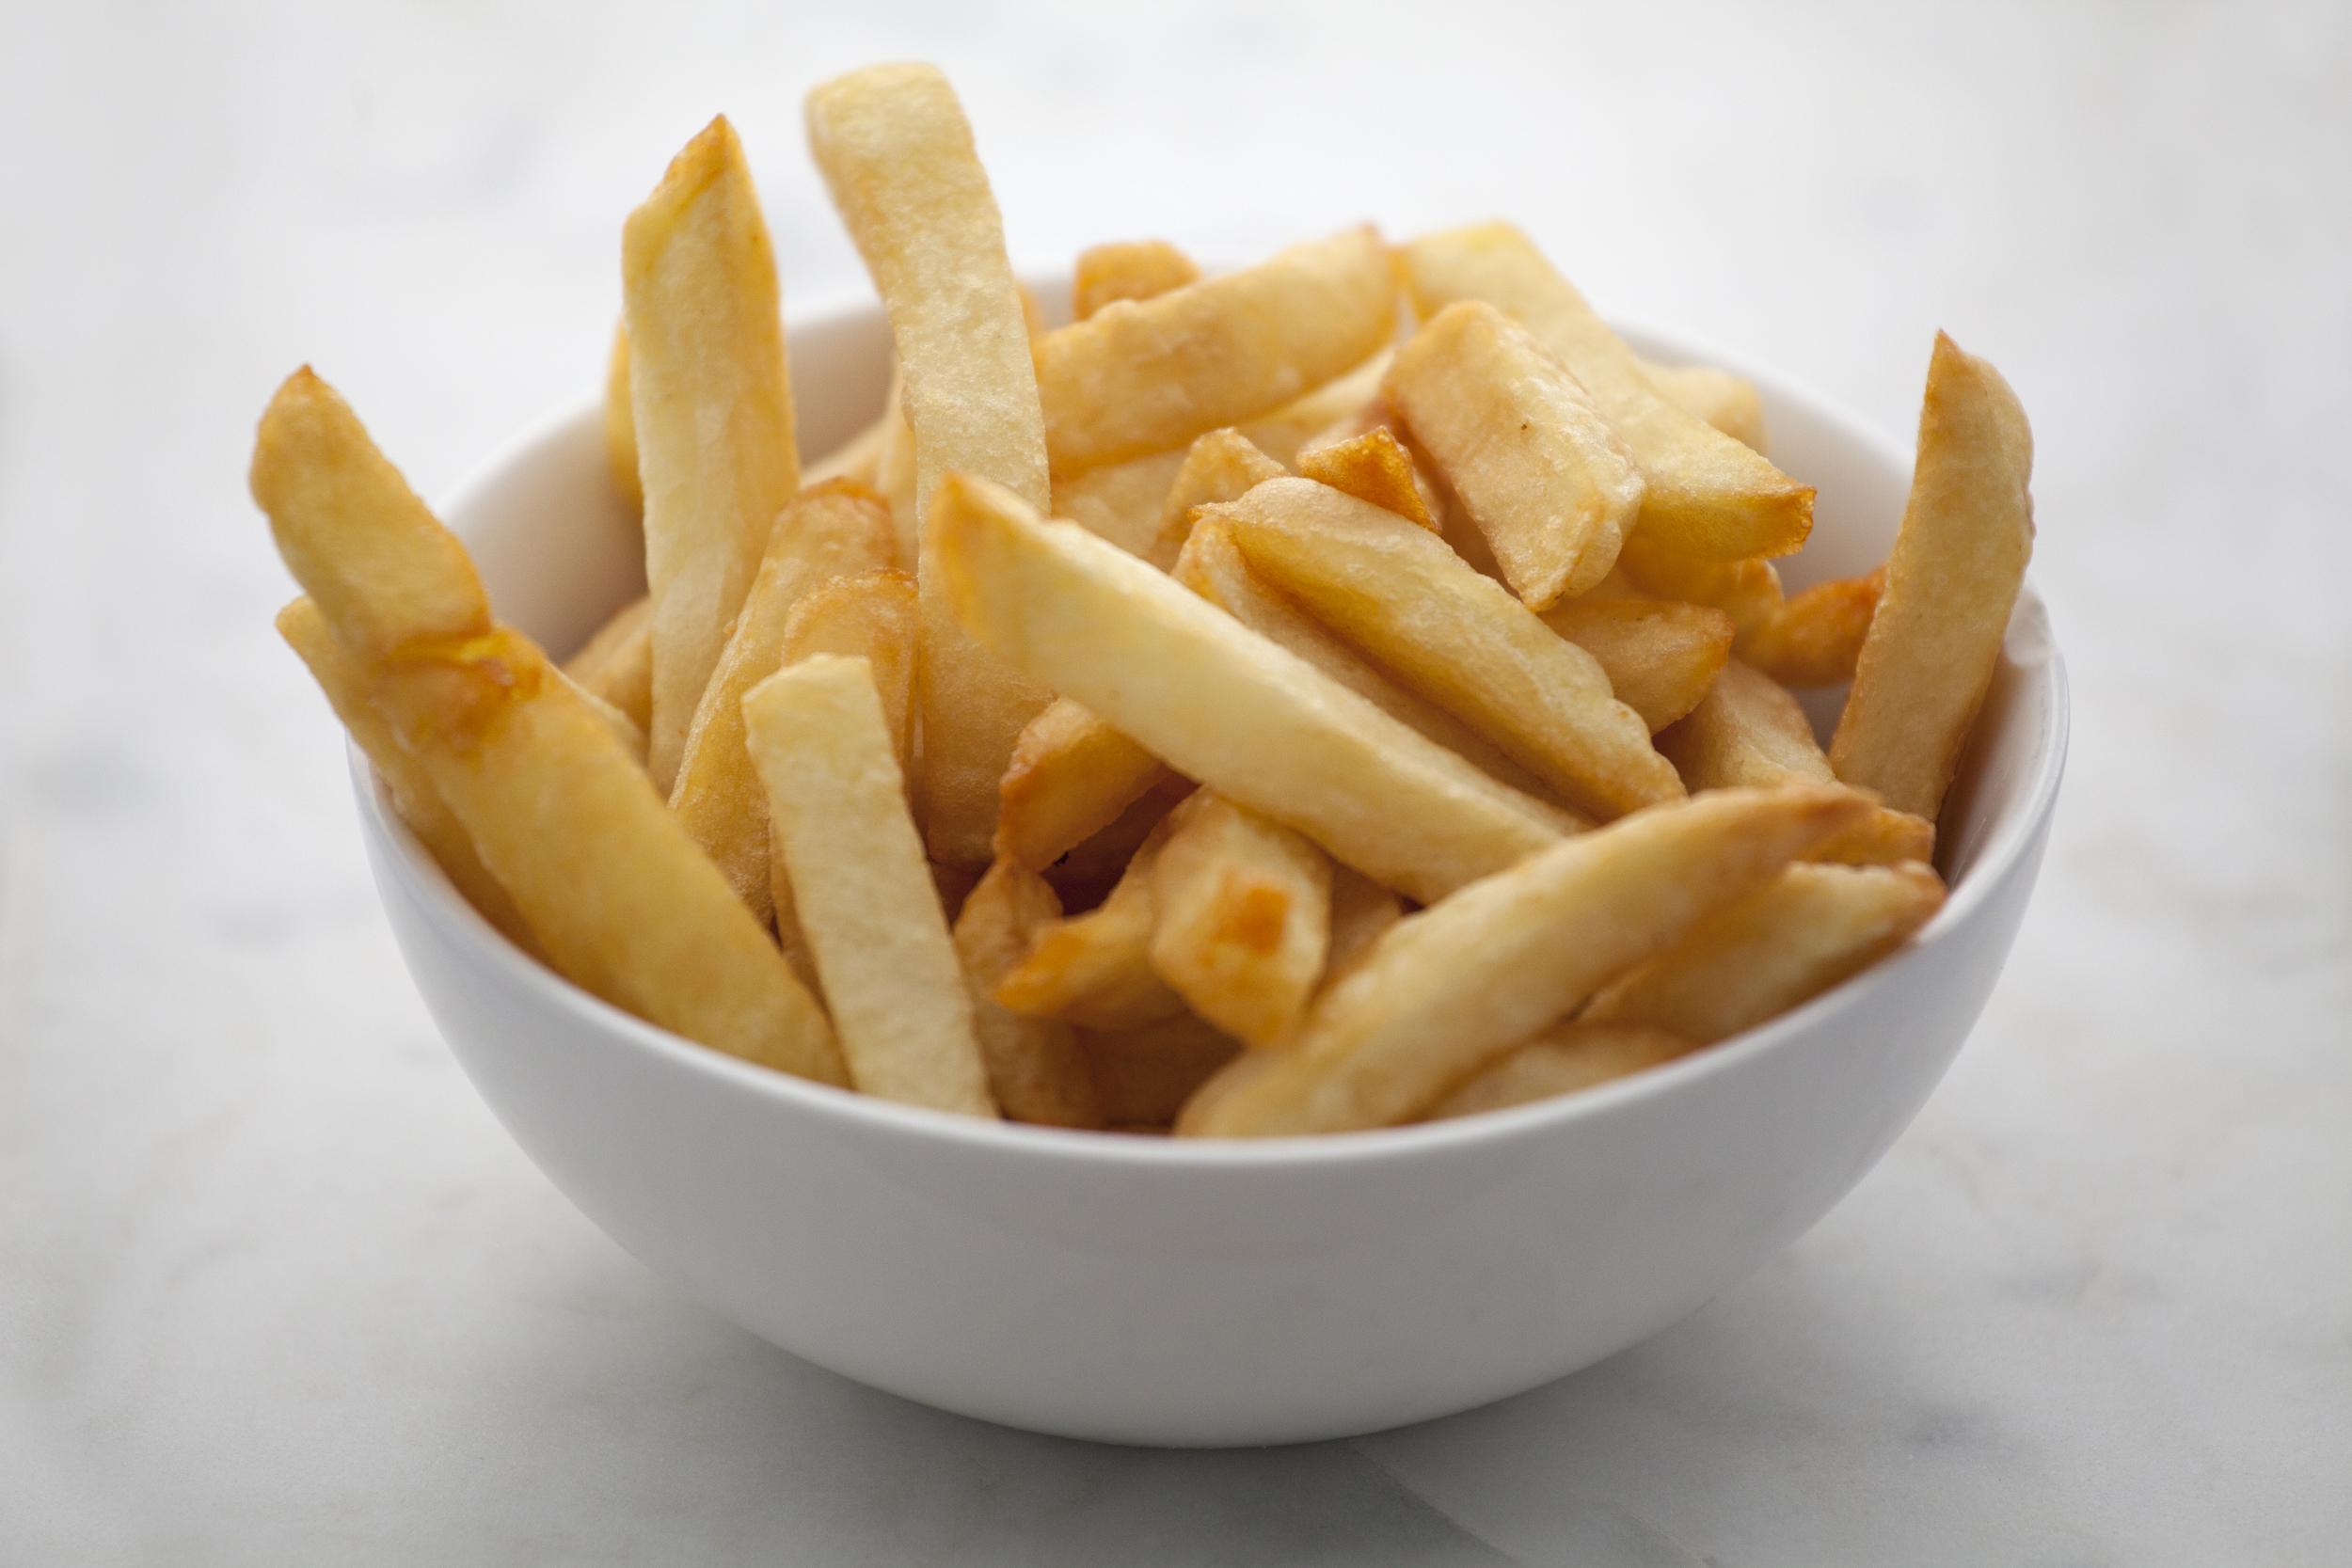 19 fries side view 2.jpg